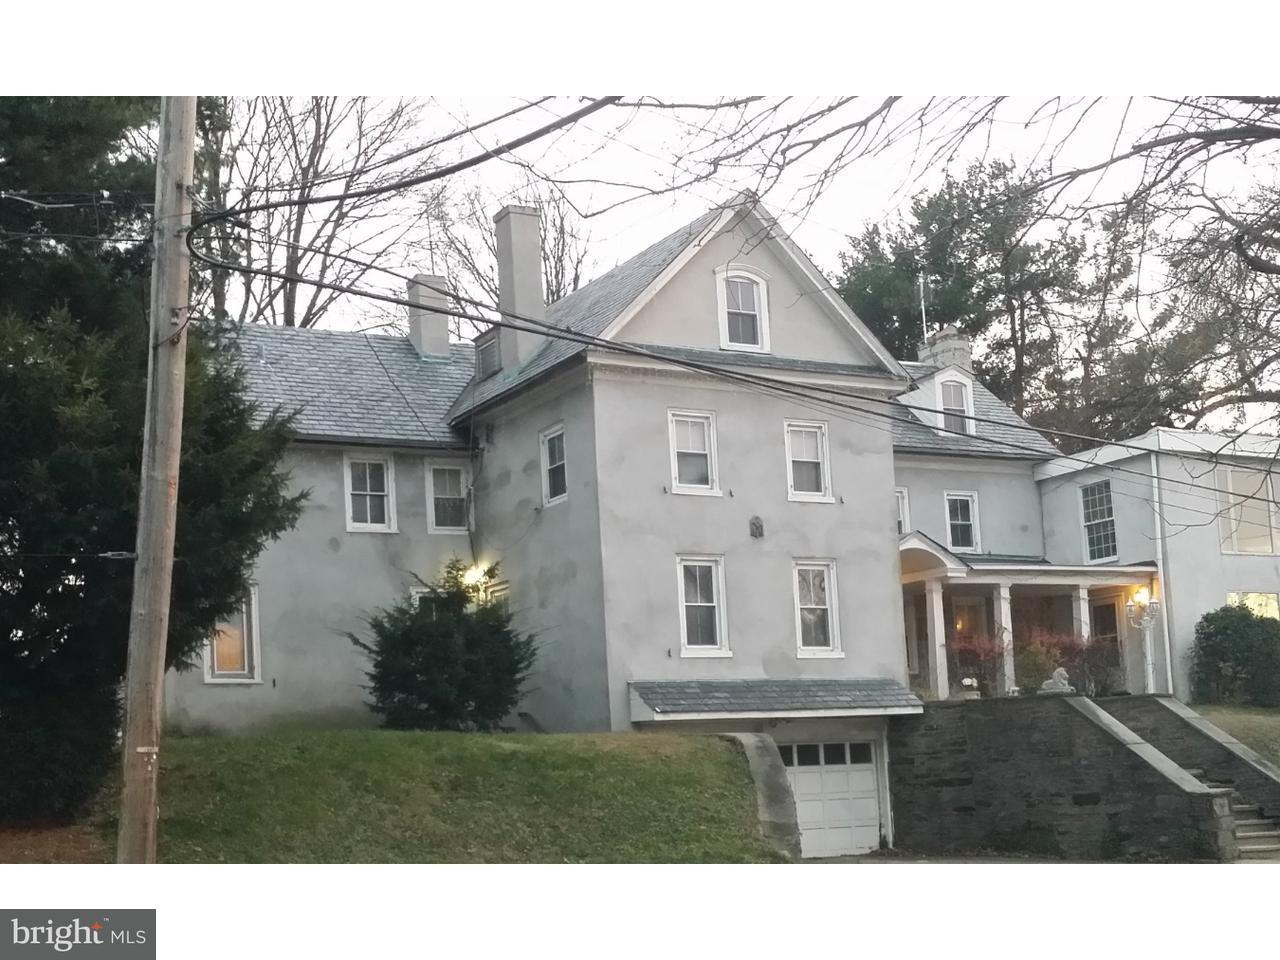 Single Family Home for Sale at 318 WASHINGTON Lane Jenkintown, Pennsylvania 19046 United States